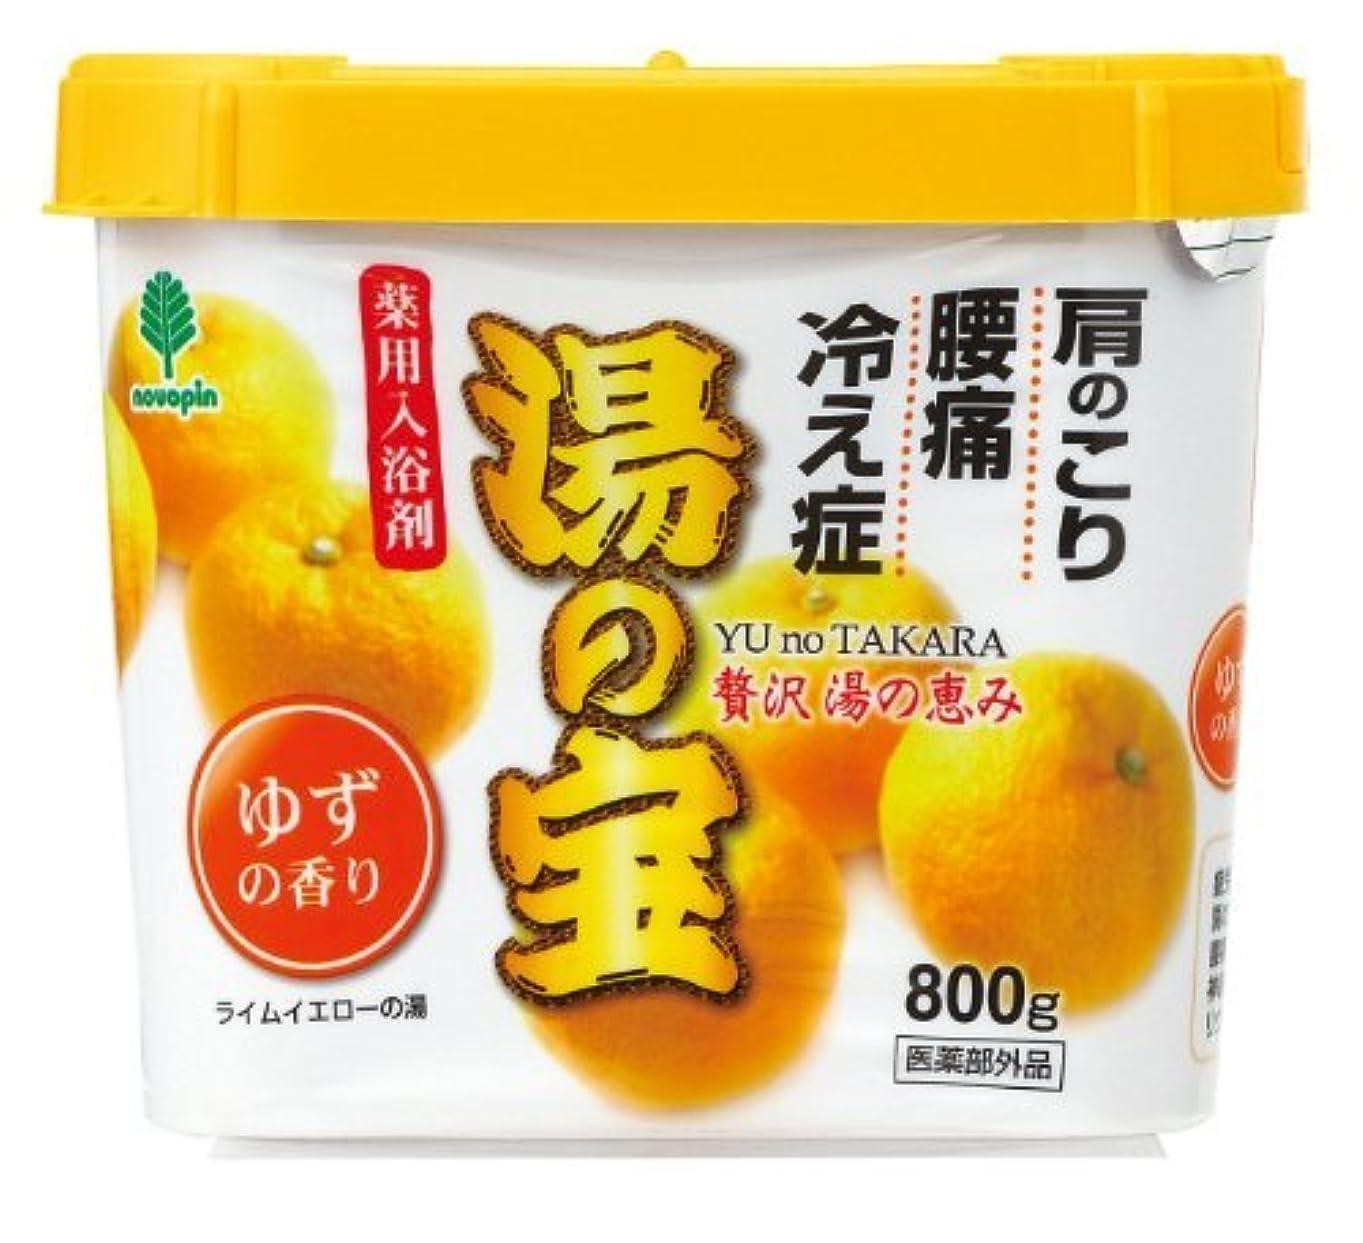 紀陽除虫菊 湯の宝 ゆずの香り 800g【まとめ買い16個セット】 N-0054